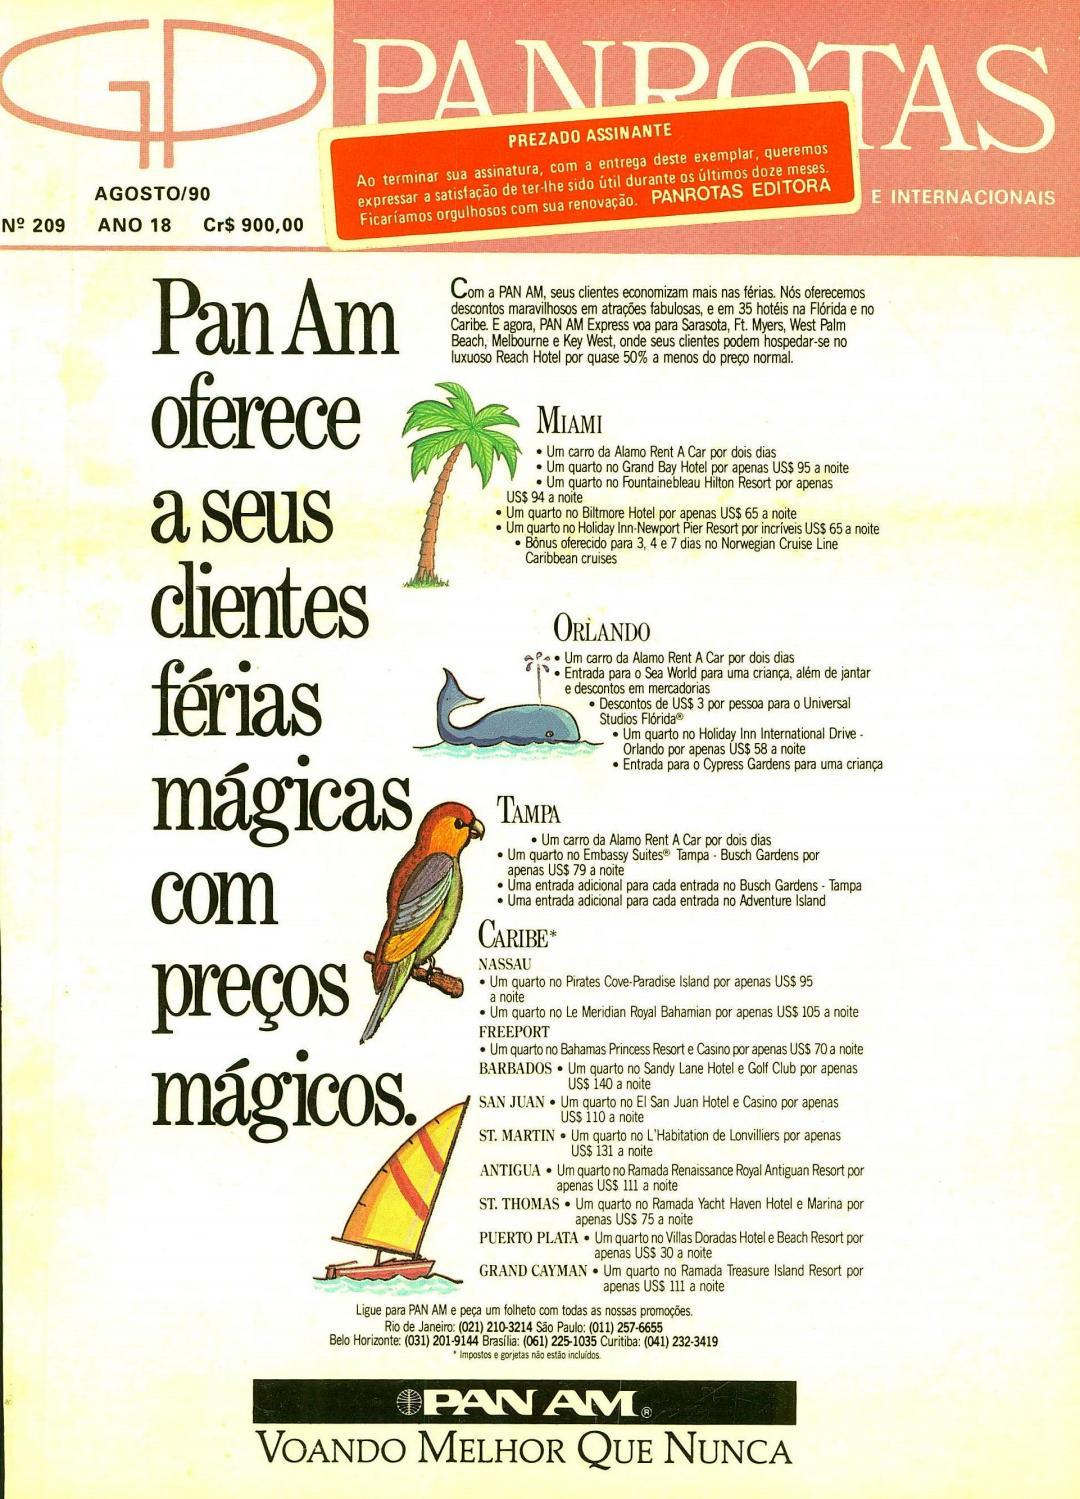 Guia PANROTAS - Edição 209 - Agosto 1990 by PANROTAS Editora - issuu 93e45cf8820